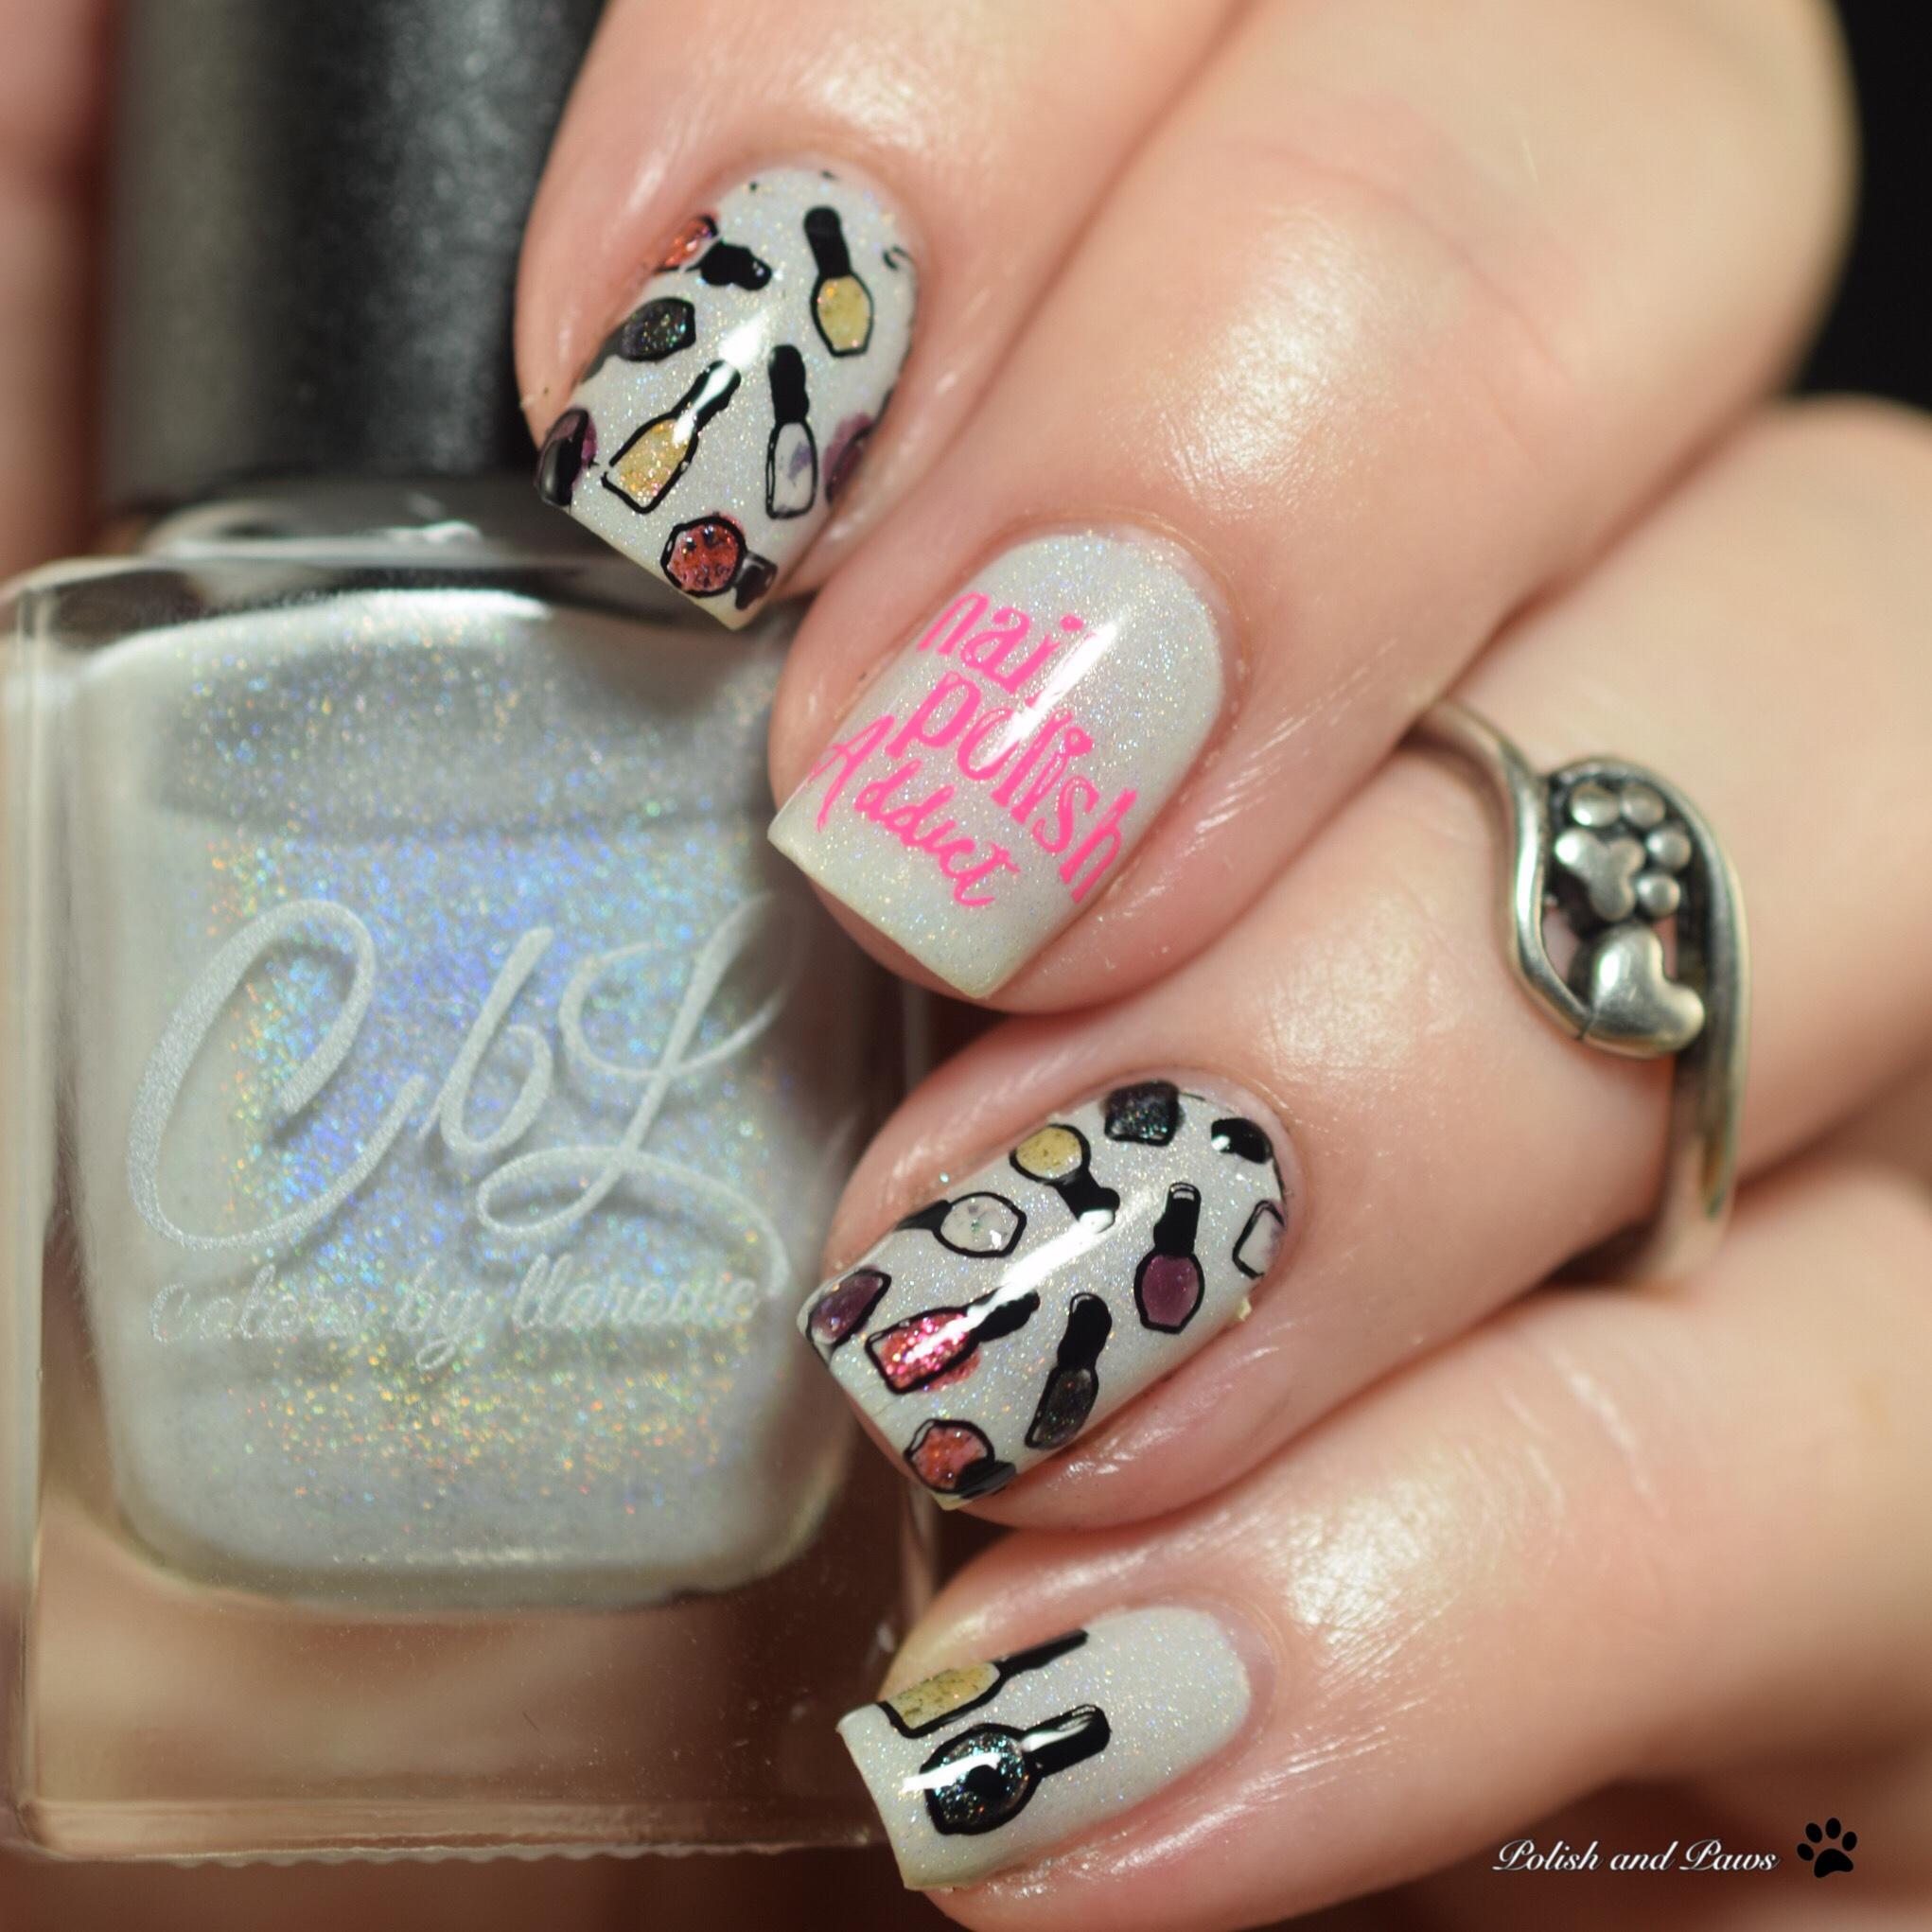 Digital Dozen Nail Polish Nails